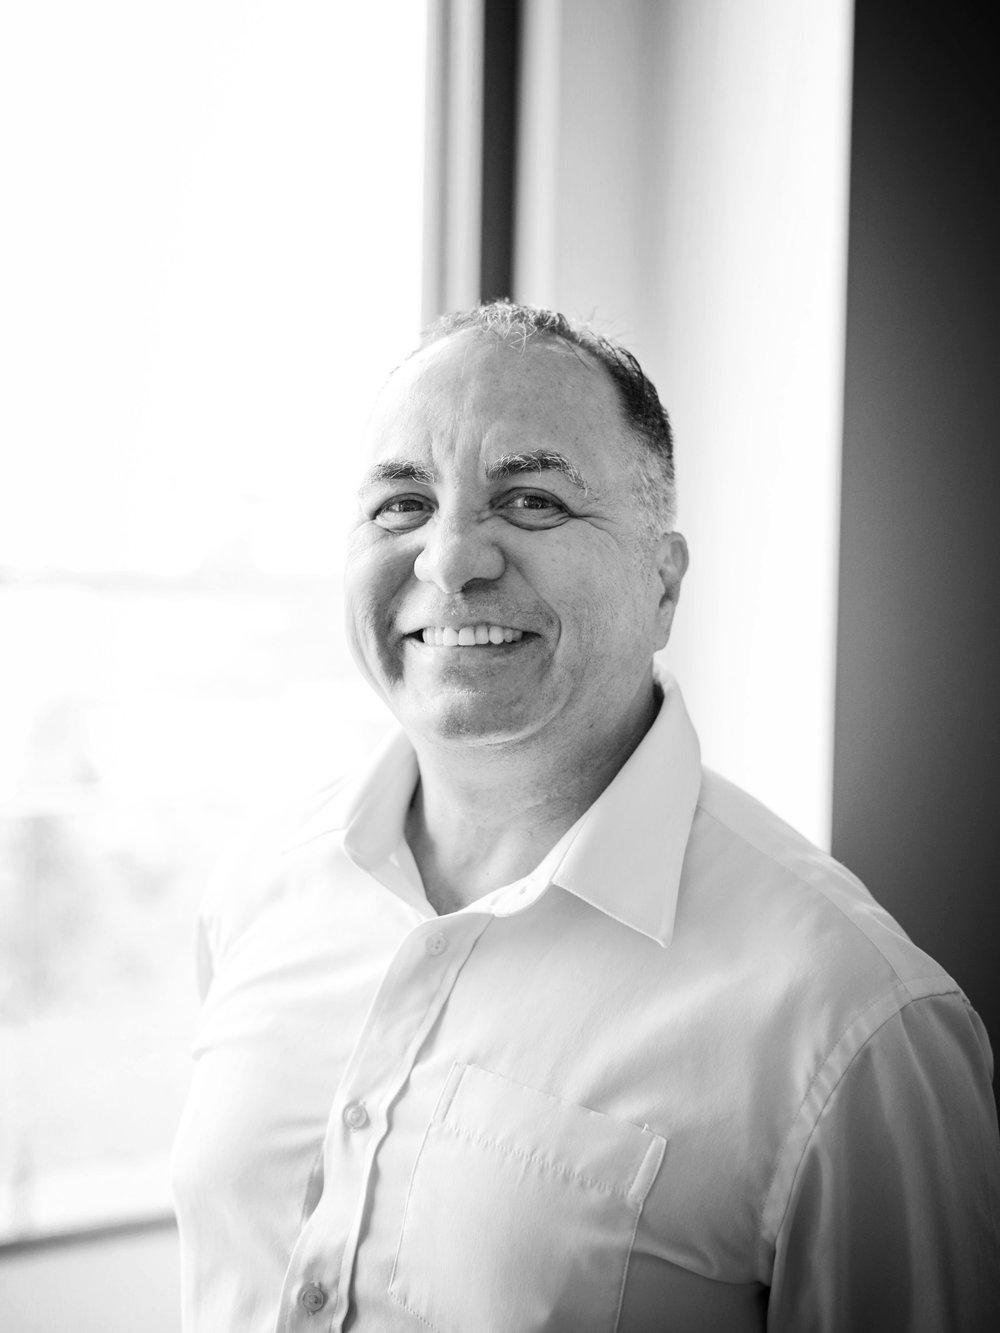 Edward L. Santos Jr., Ph.D. - Guam Psychological Association, TreasurerCouncil of Representatives Member, 2018-20American Psychological Association, Member